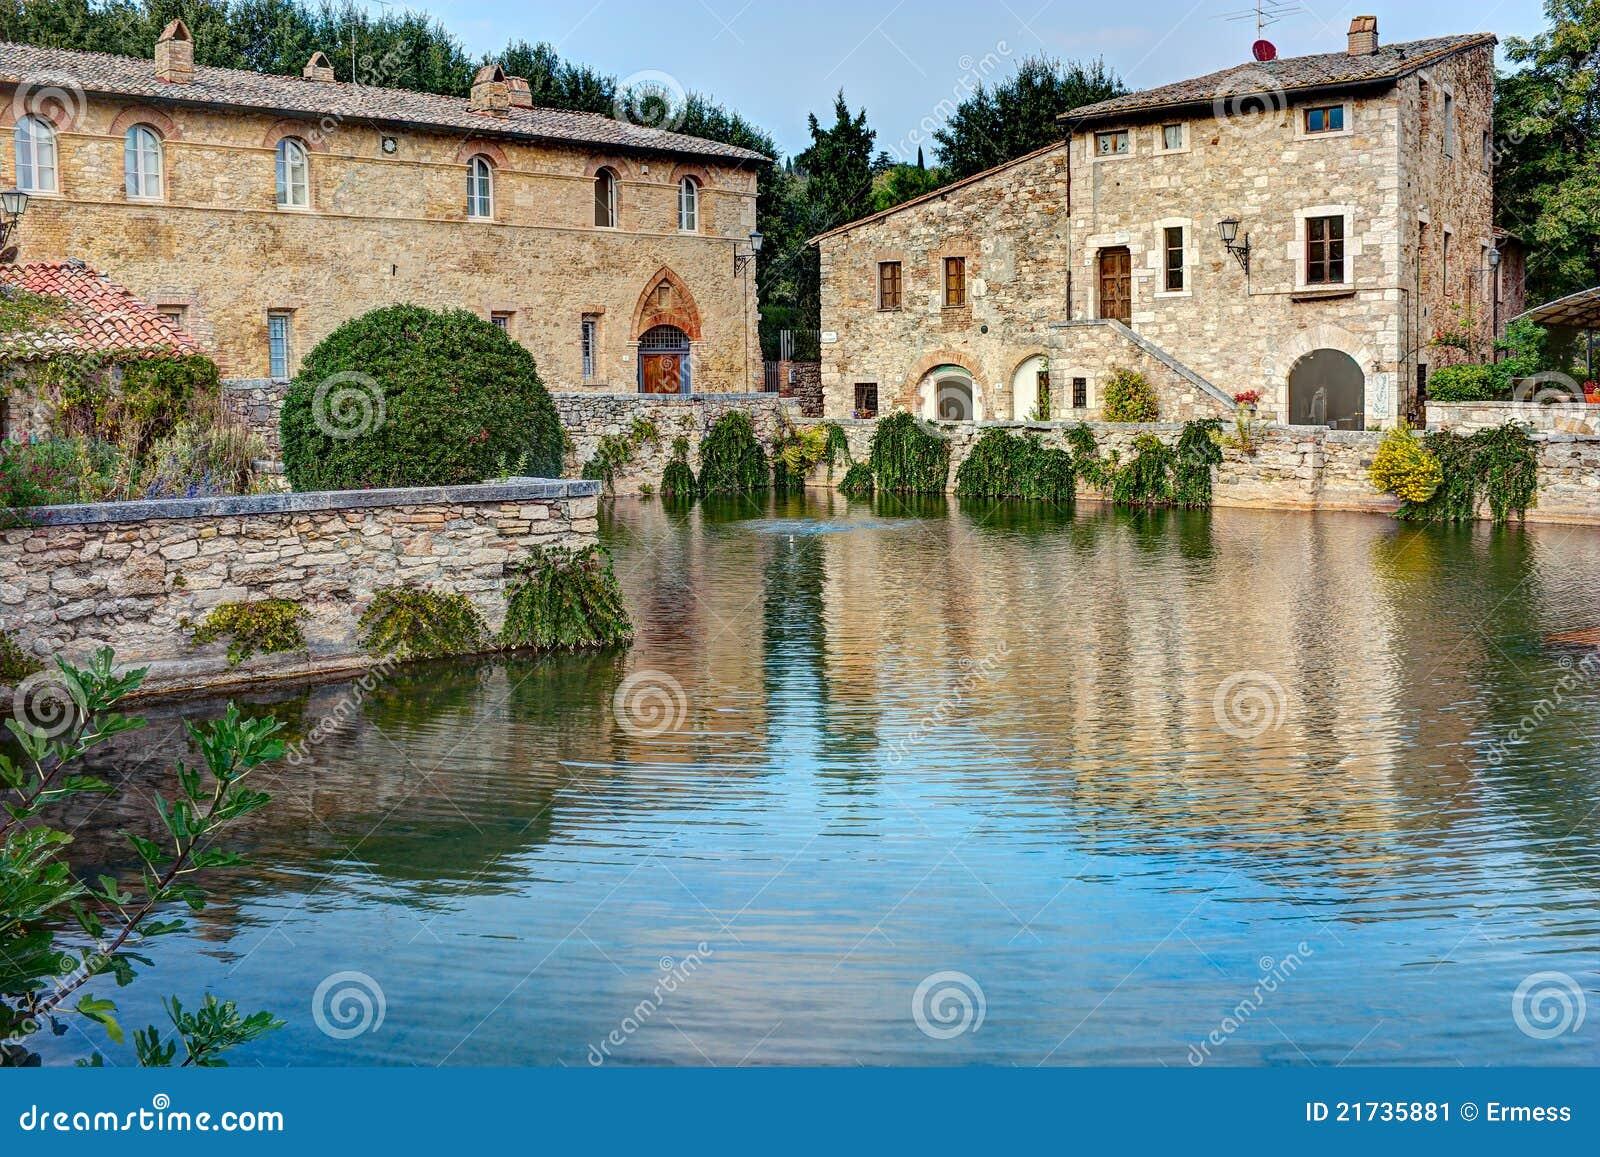 Bagno vignoni stockbild bild von architektur frühlinge